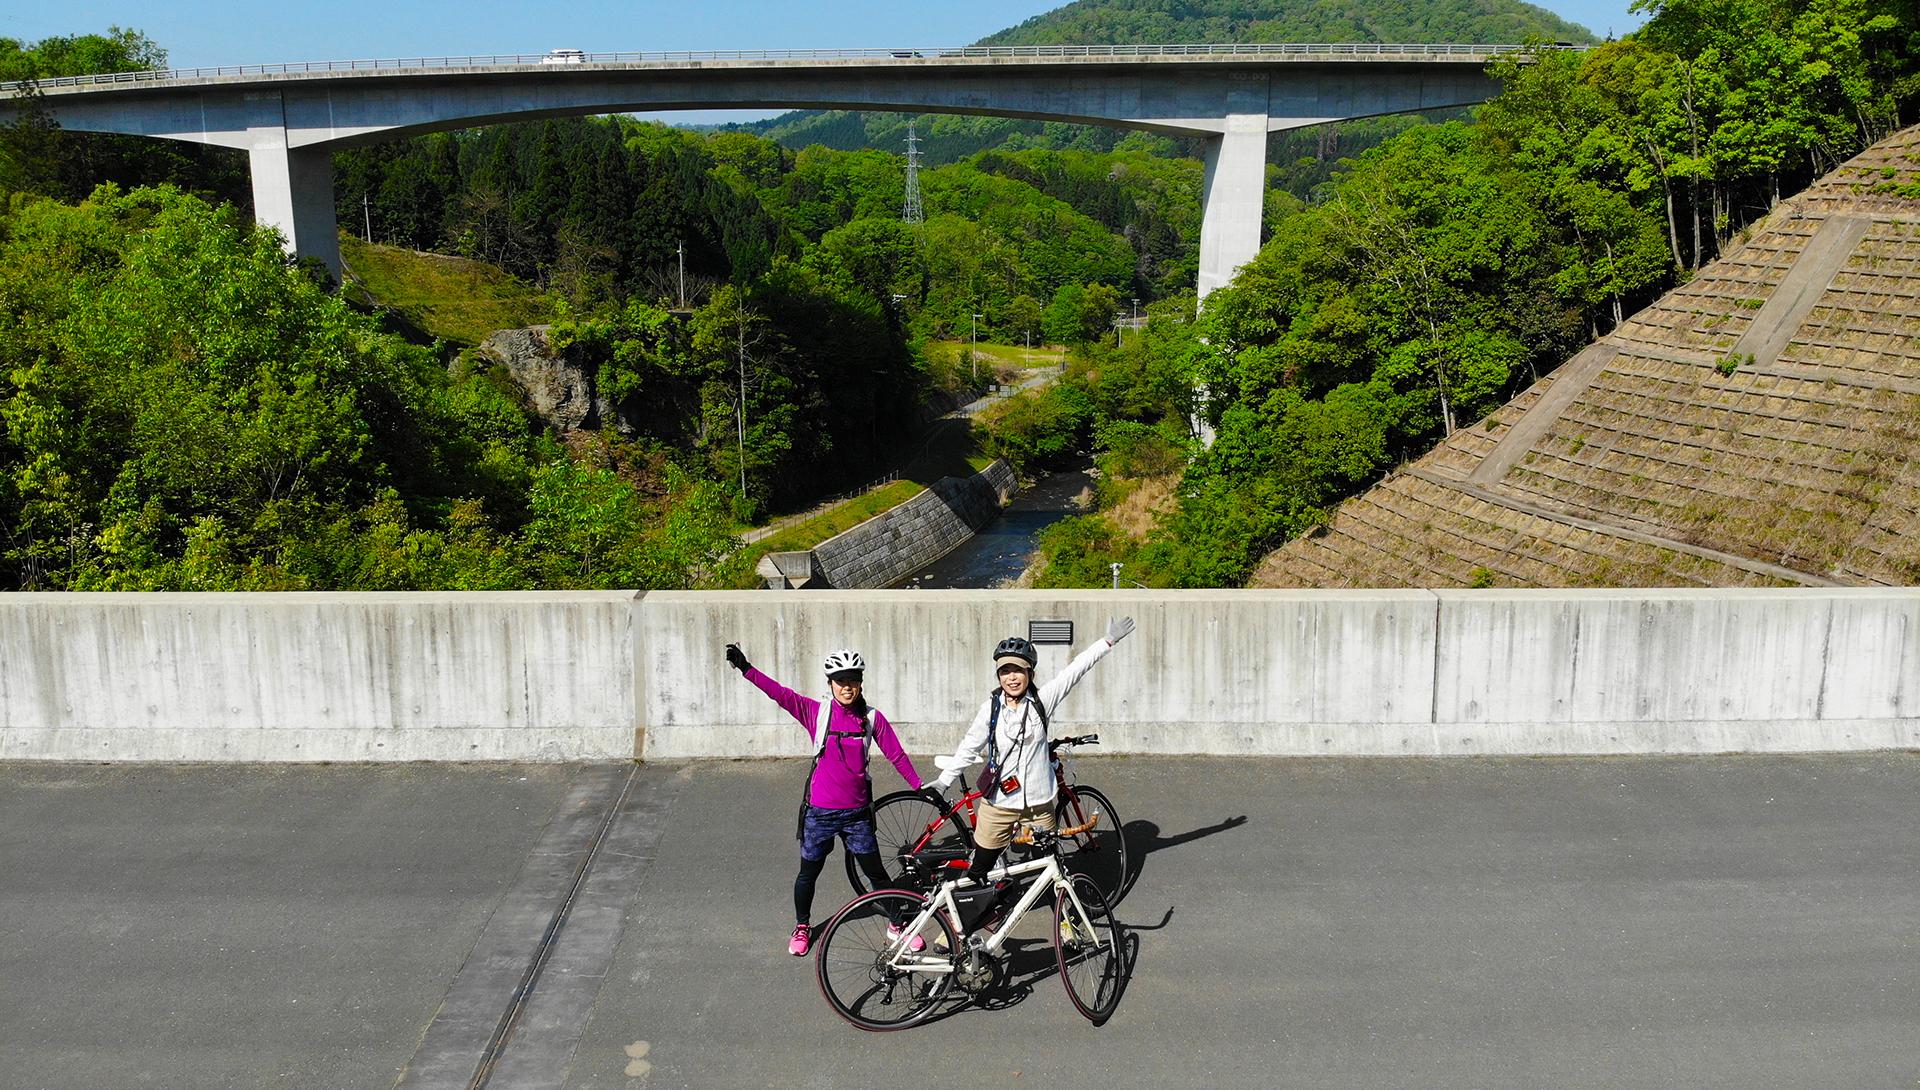 サイクリストでもあるツアーガイドが美しい京都の里山ライドをしっかりサポート。サイクリングに自信がない方も乗り方から優しく指導します。 自転車、ヘルメット、グローブもすべて含まれています。